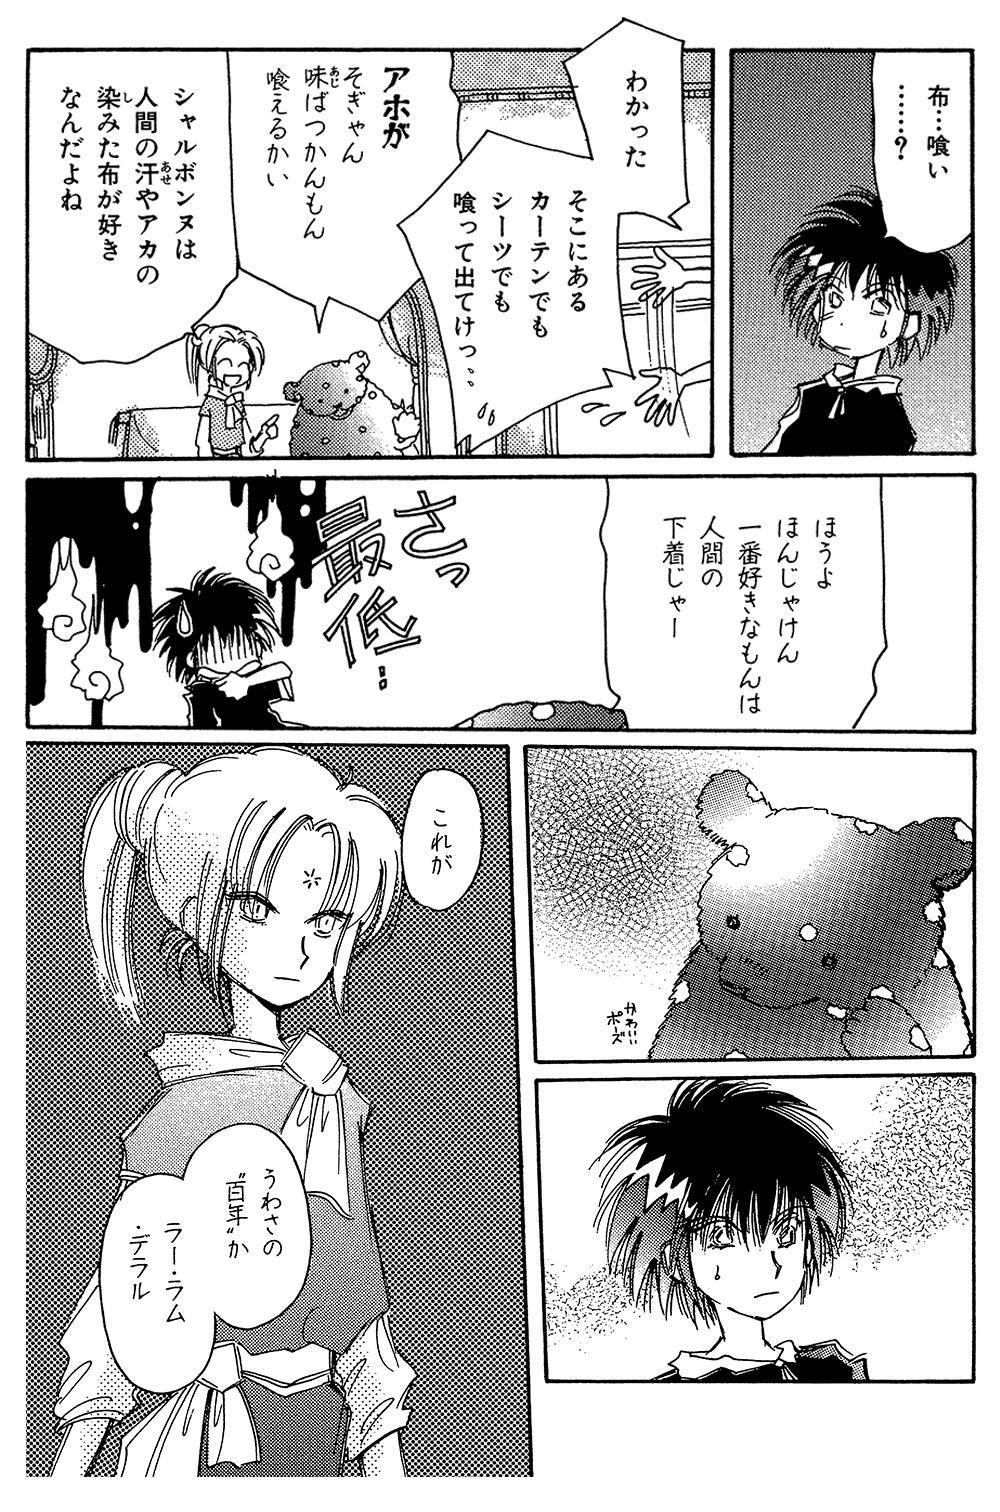 チキタ★GUGU 第3話chikitagg05-16.jpg